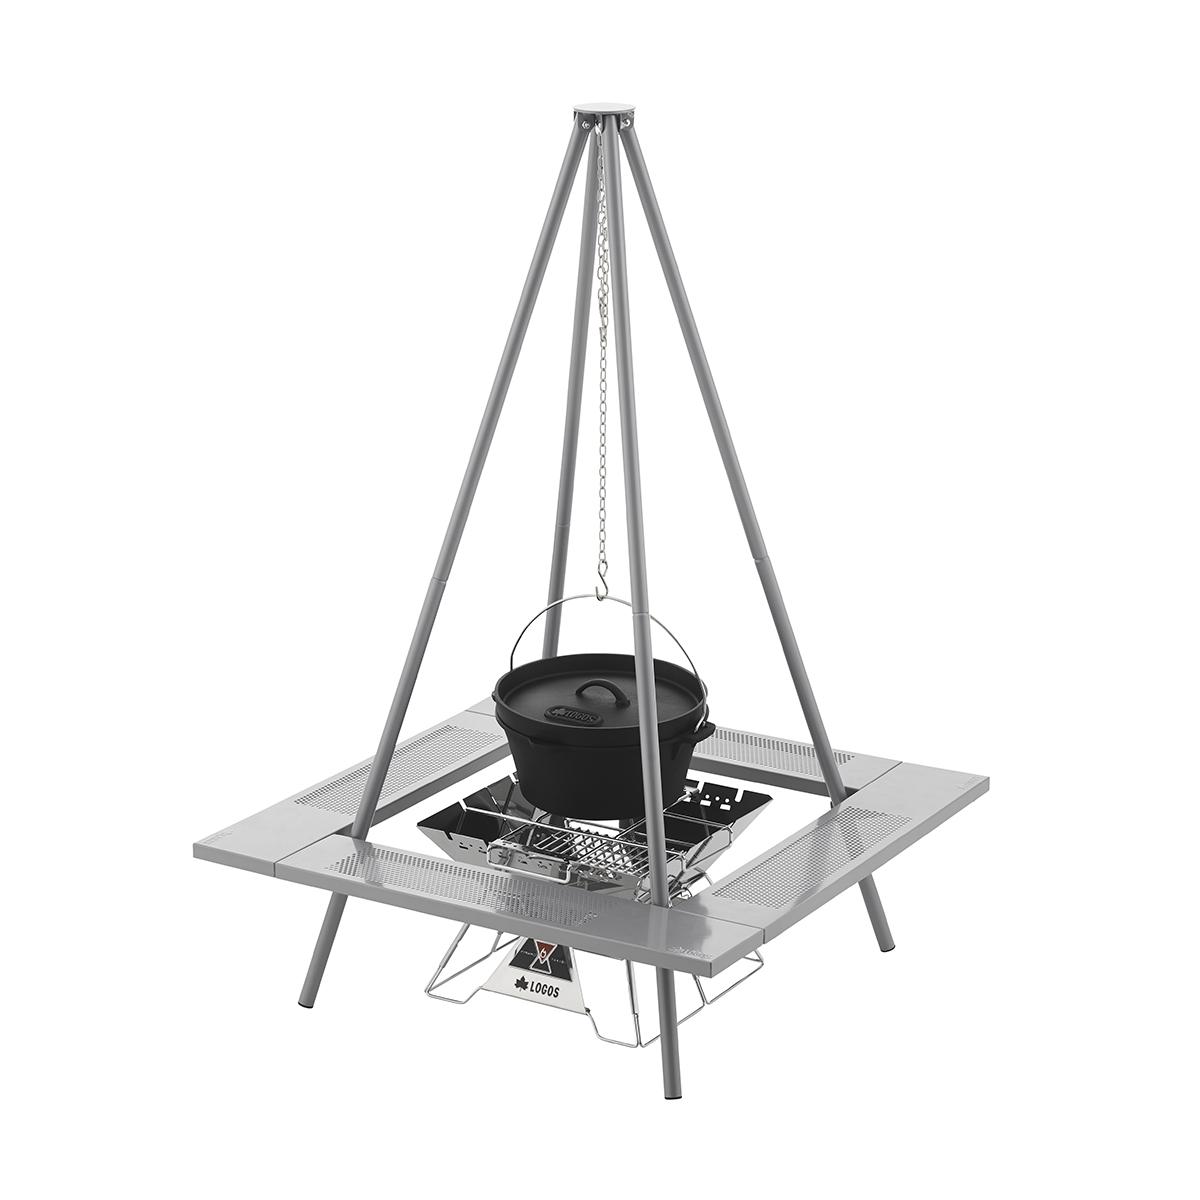 LOGOS ロゴス 囲炉裏ピラミッドパッケージ 81064100